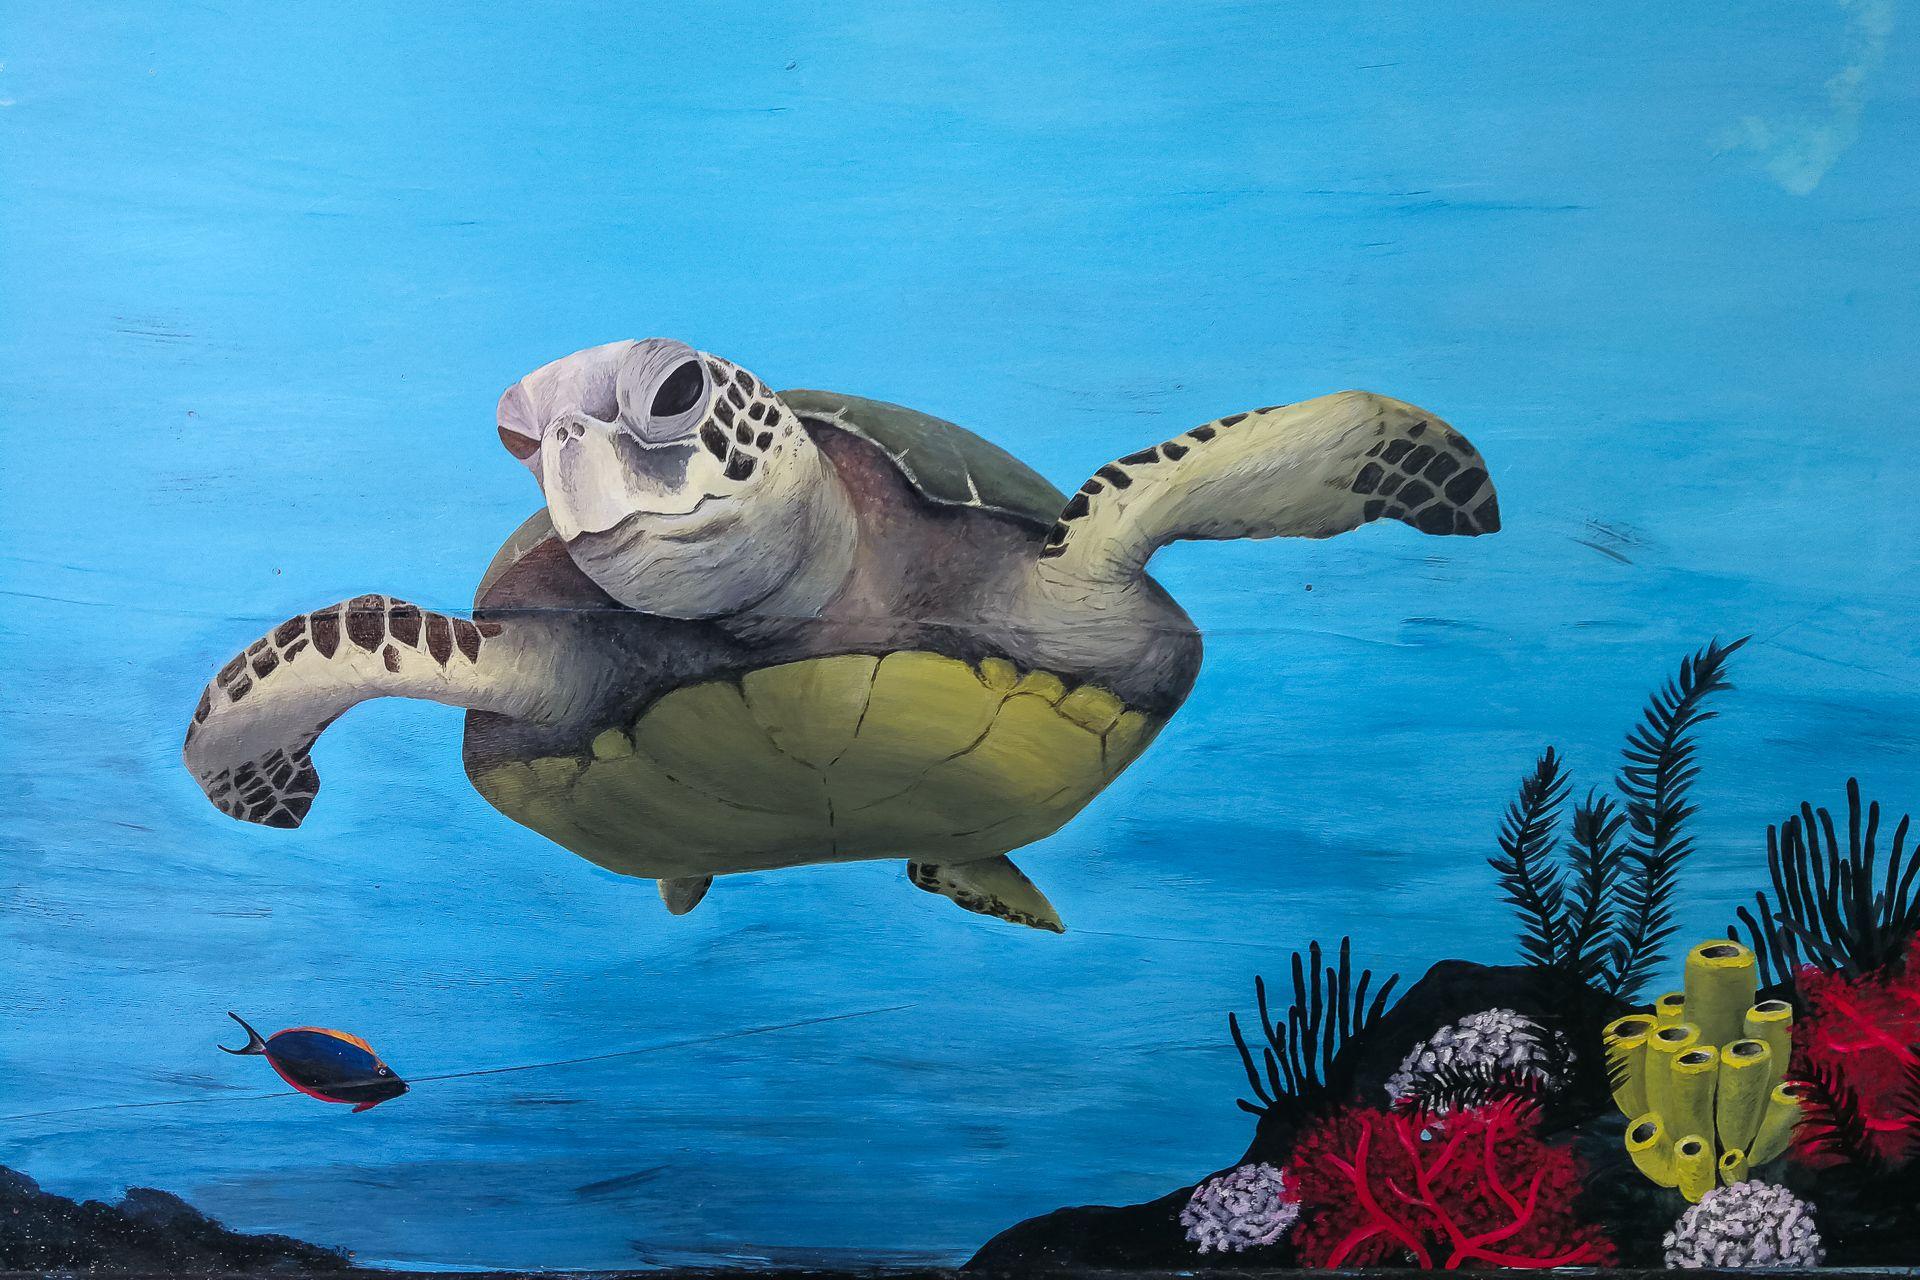 Bali Sea Turtle Society, BSTS, Балийское общество морских черепах, Turtle Conservation And Education Center Bali, TCEC Bali, Bali, turtle, rescuing the sea turtle, Бали, Индонезия, спасение черепах, защита животных, выпуск черепашек в море, токены, маленькие черепашки, baby turtle release, инкубатор черепах, пляж Кута Бали, сохранение вида, морские черепахи, где выпускают черепах на Бали, сезон вылупления черепах на Бали, Сезон гнездования морских черепах